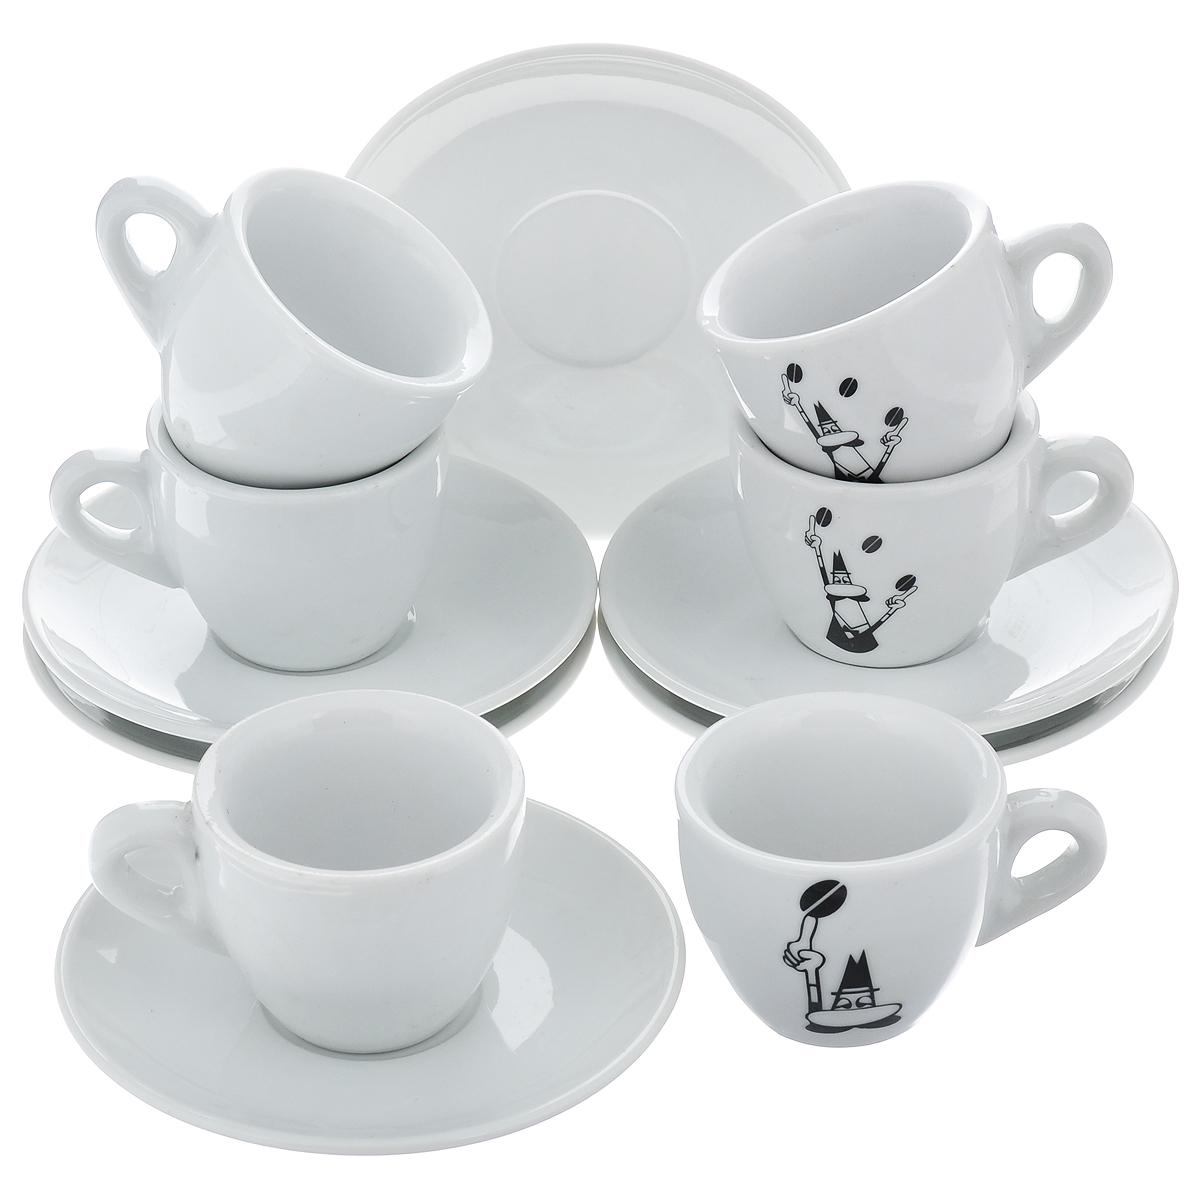 Набор чашек для кофе Bialetti, с блюдцами, цвет: белый, черный, 12 предметовVT-1520(SR)Набор Bialetti состоит из 6 чашек для кофе и 6 блюдец, выполненных из высококачественной керамики. Материал изделий абсолютно безопасен для здоровья. Набор Bialetti оригинального дизайна позволит насладиться вашими любимыми напитками. Прекрасный подарок для друзей и близких. Можно мыть в посудомоечной машине. Объем чашки: 60 мл. Диаметр (по верхнему краю): 6 см. Высота чашки: 5 см.